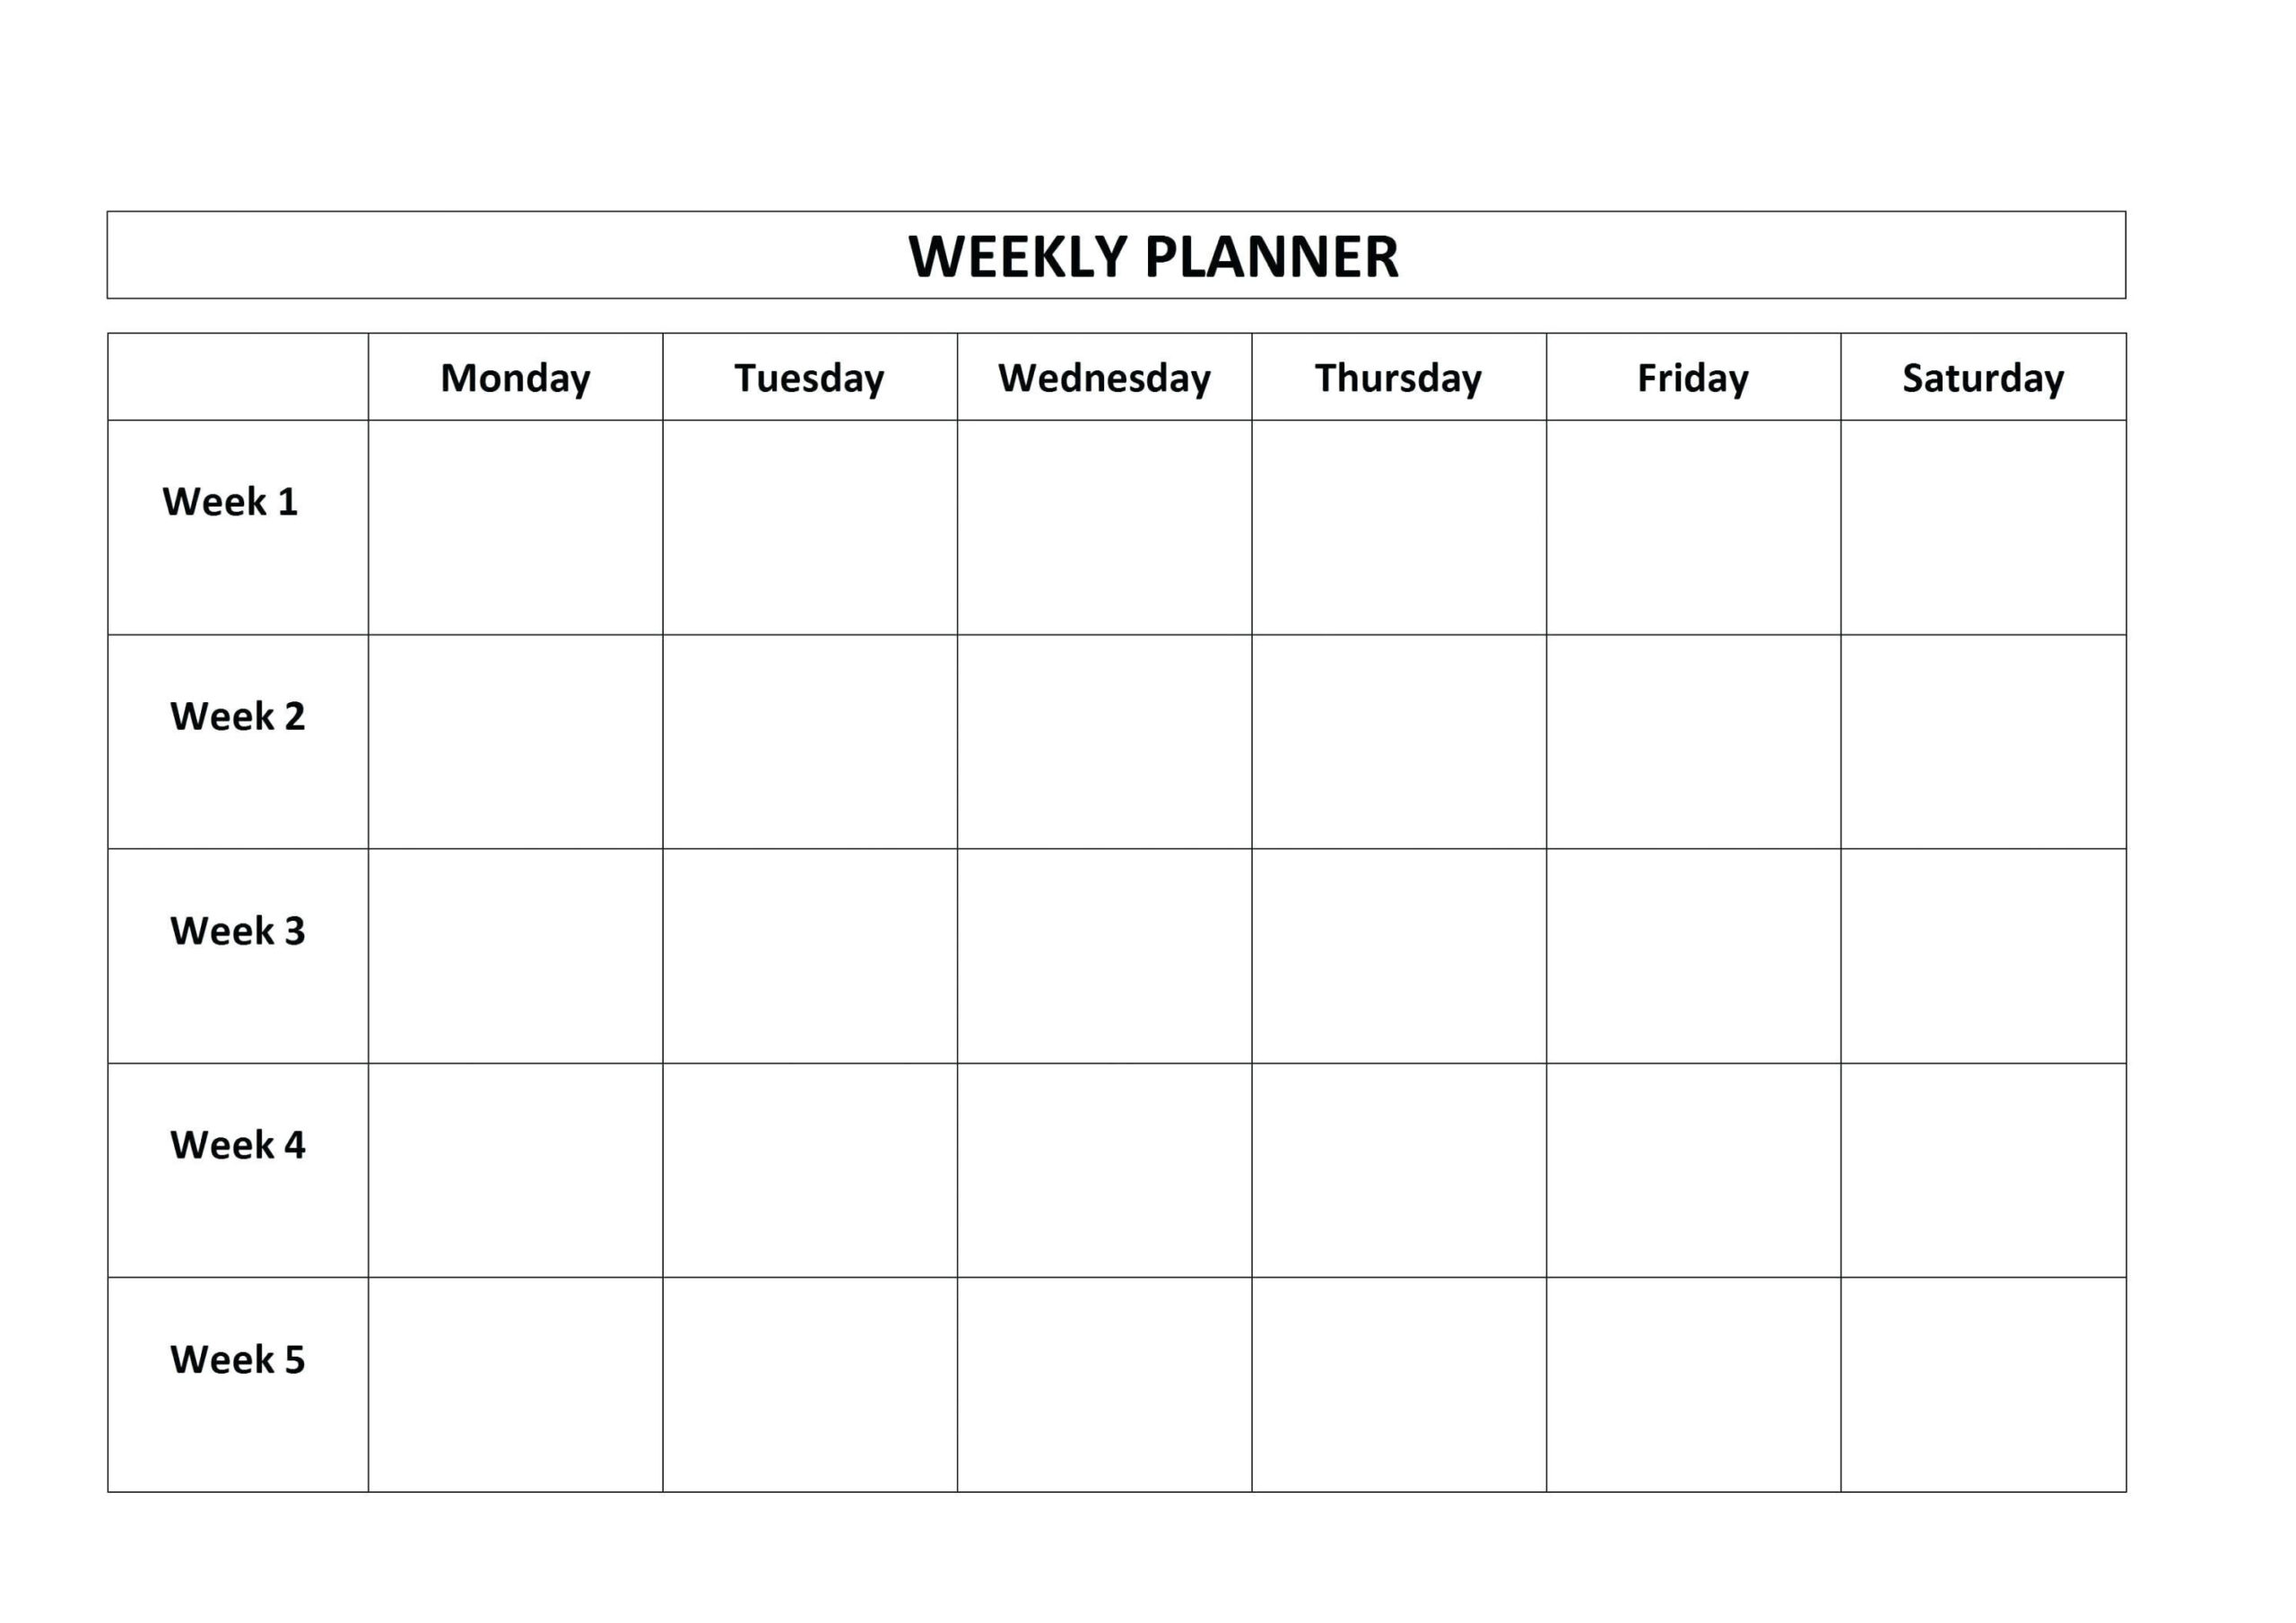 Two Week Calendar Template Free In 2020 | Weekly Calendar